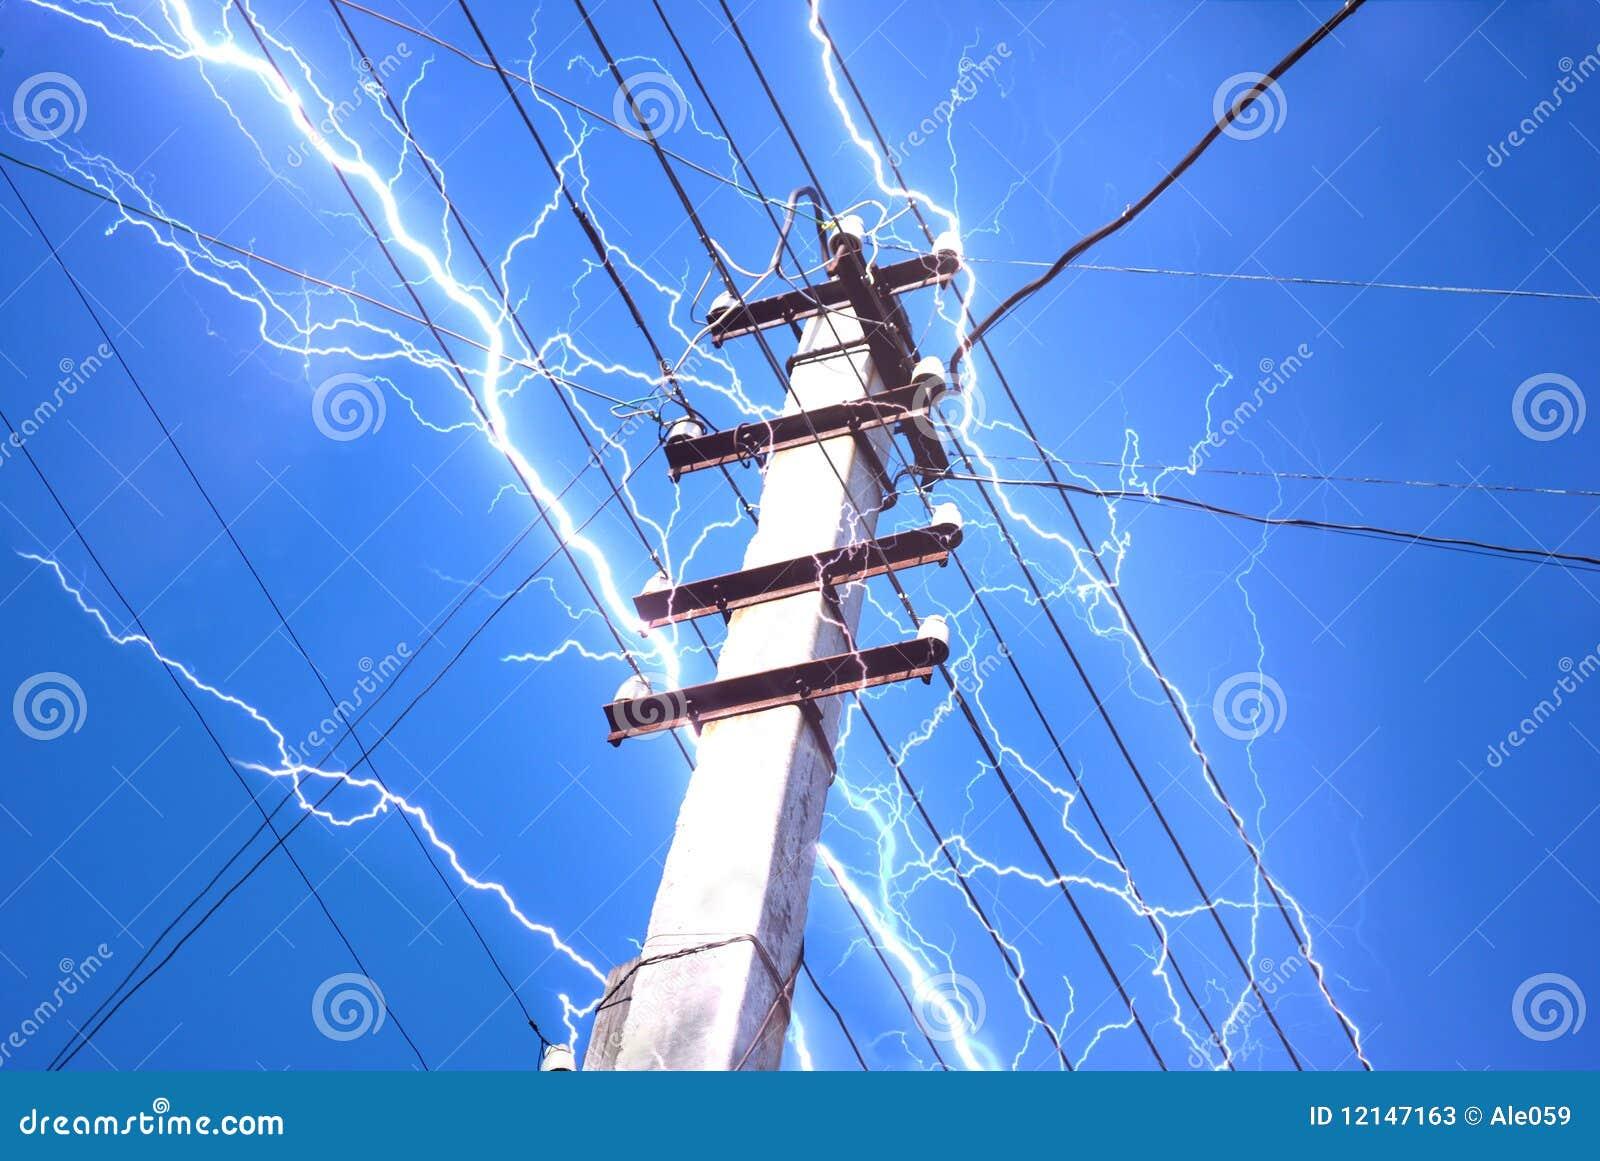 Concepto de la electricidad fotos de archivo imagen for Electricidad